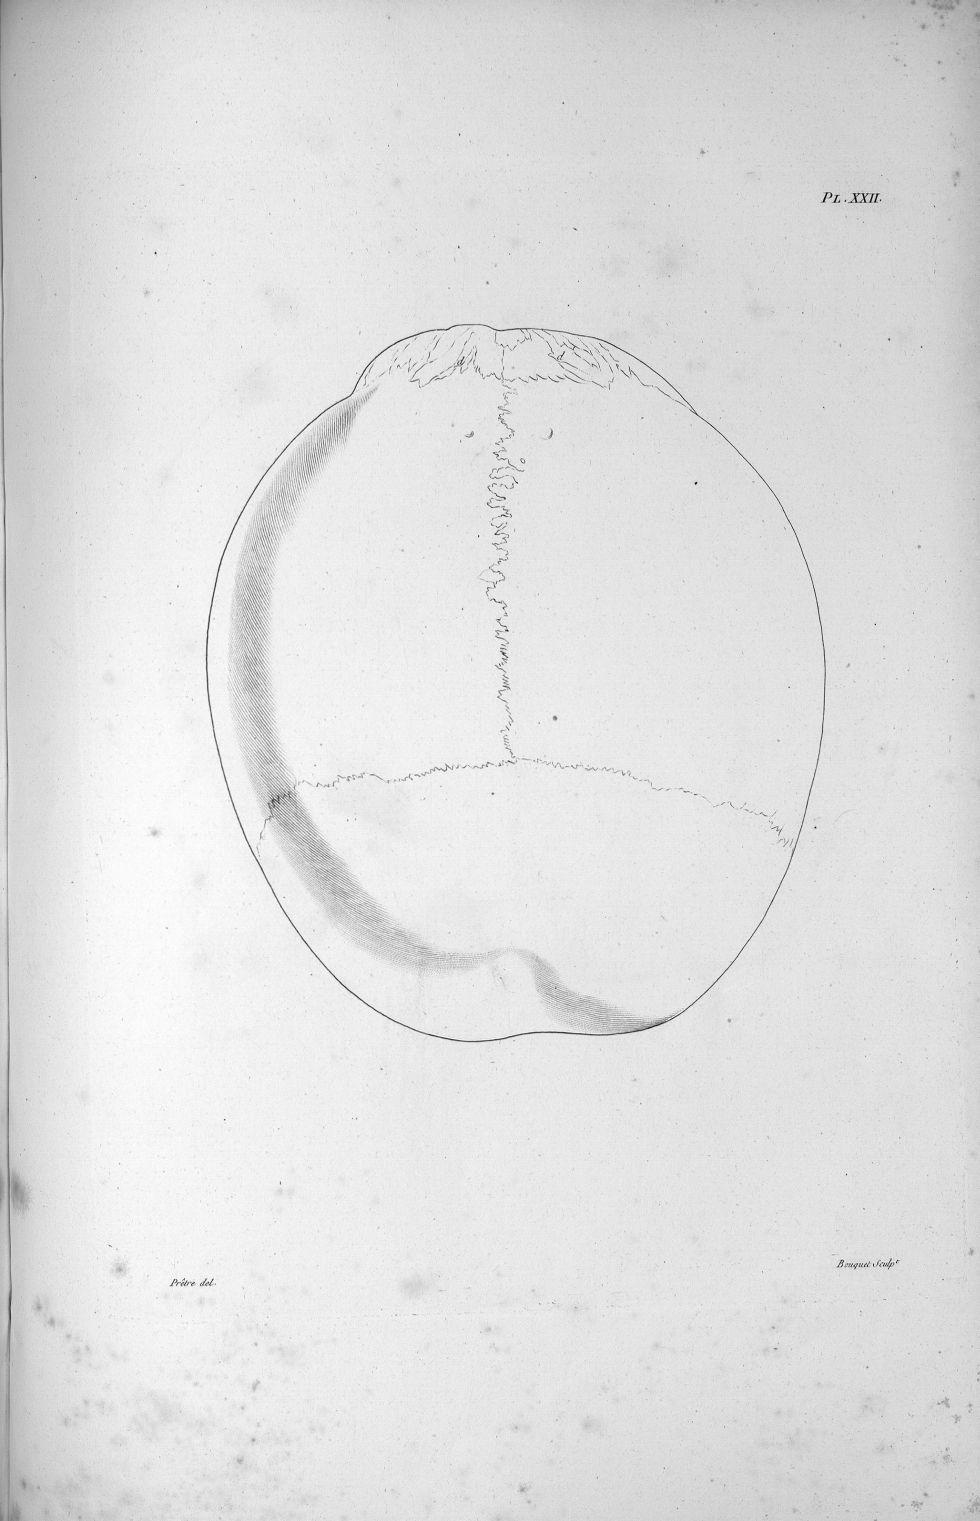 Pl. XXII. Crâne d'un crétin hydrocéphale vu d'en haut - Anatomie et physiologie du système nerveux e [...] - Anatomie. Neurologie. Crânes. Phrénologie. 19e siècle (France) - med00575x02x0339